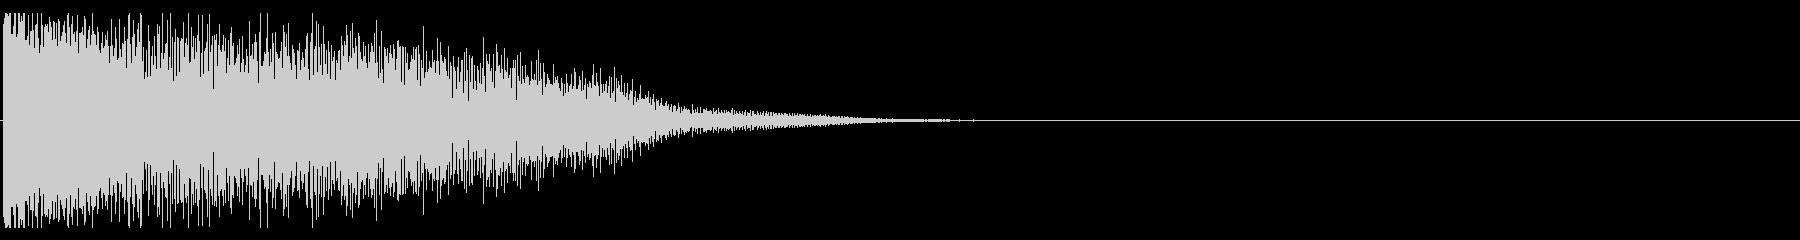 【生録音】ステンレス・スプーンの音 4の未再生の波形